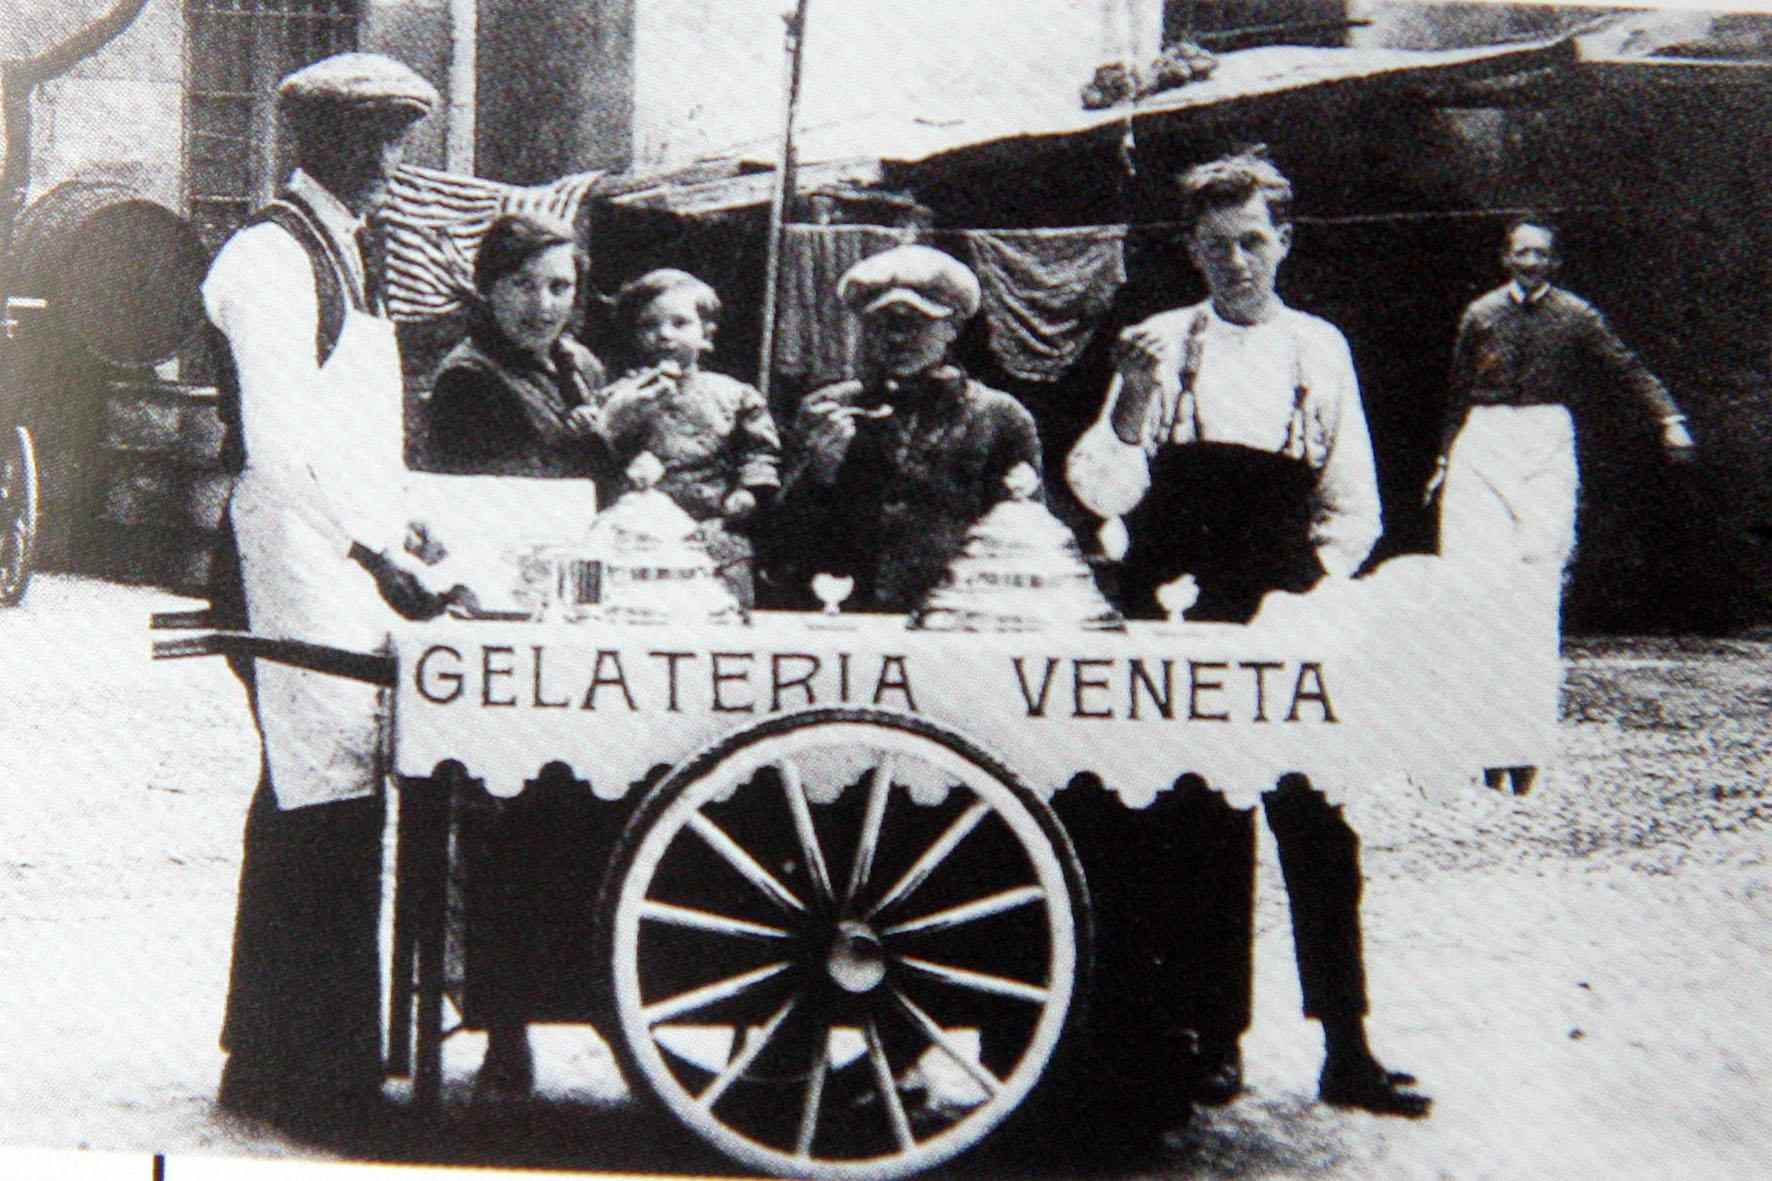 emigrazione veneta - corriere del veneto